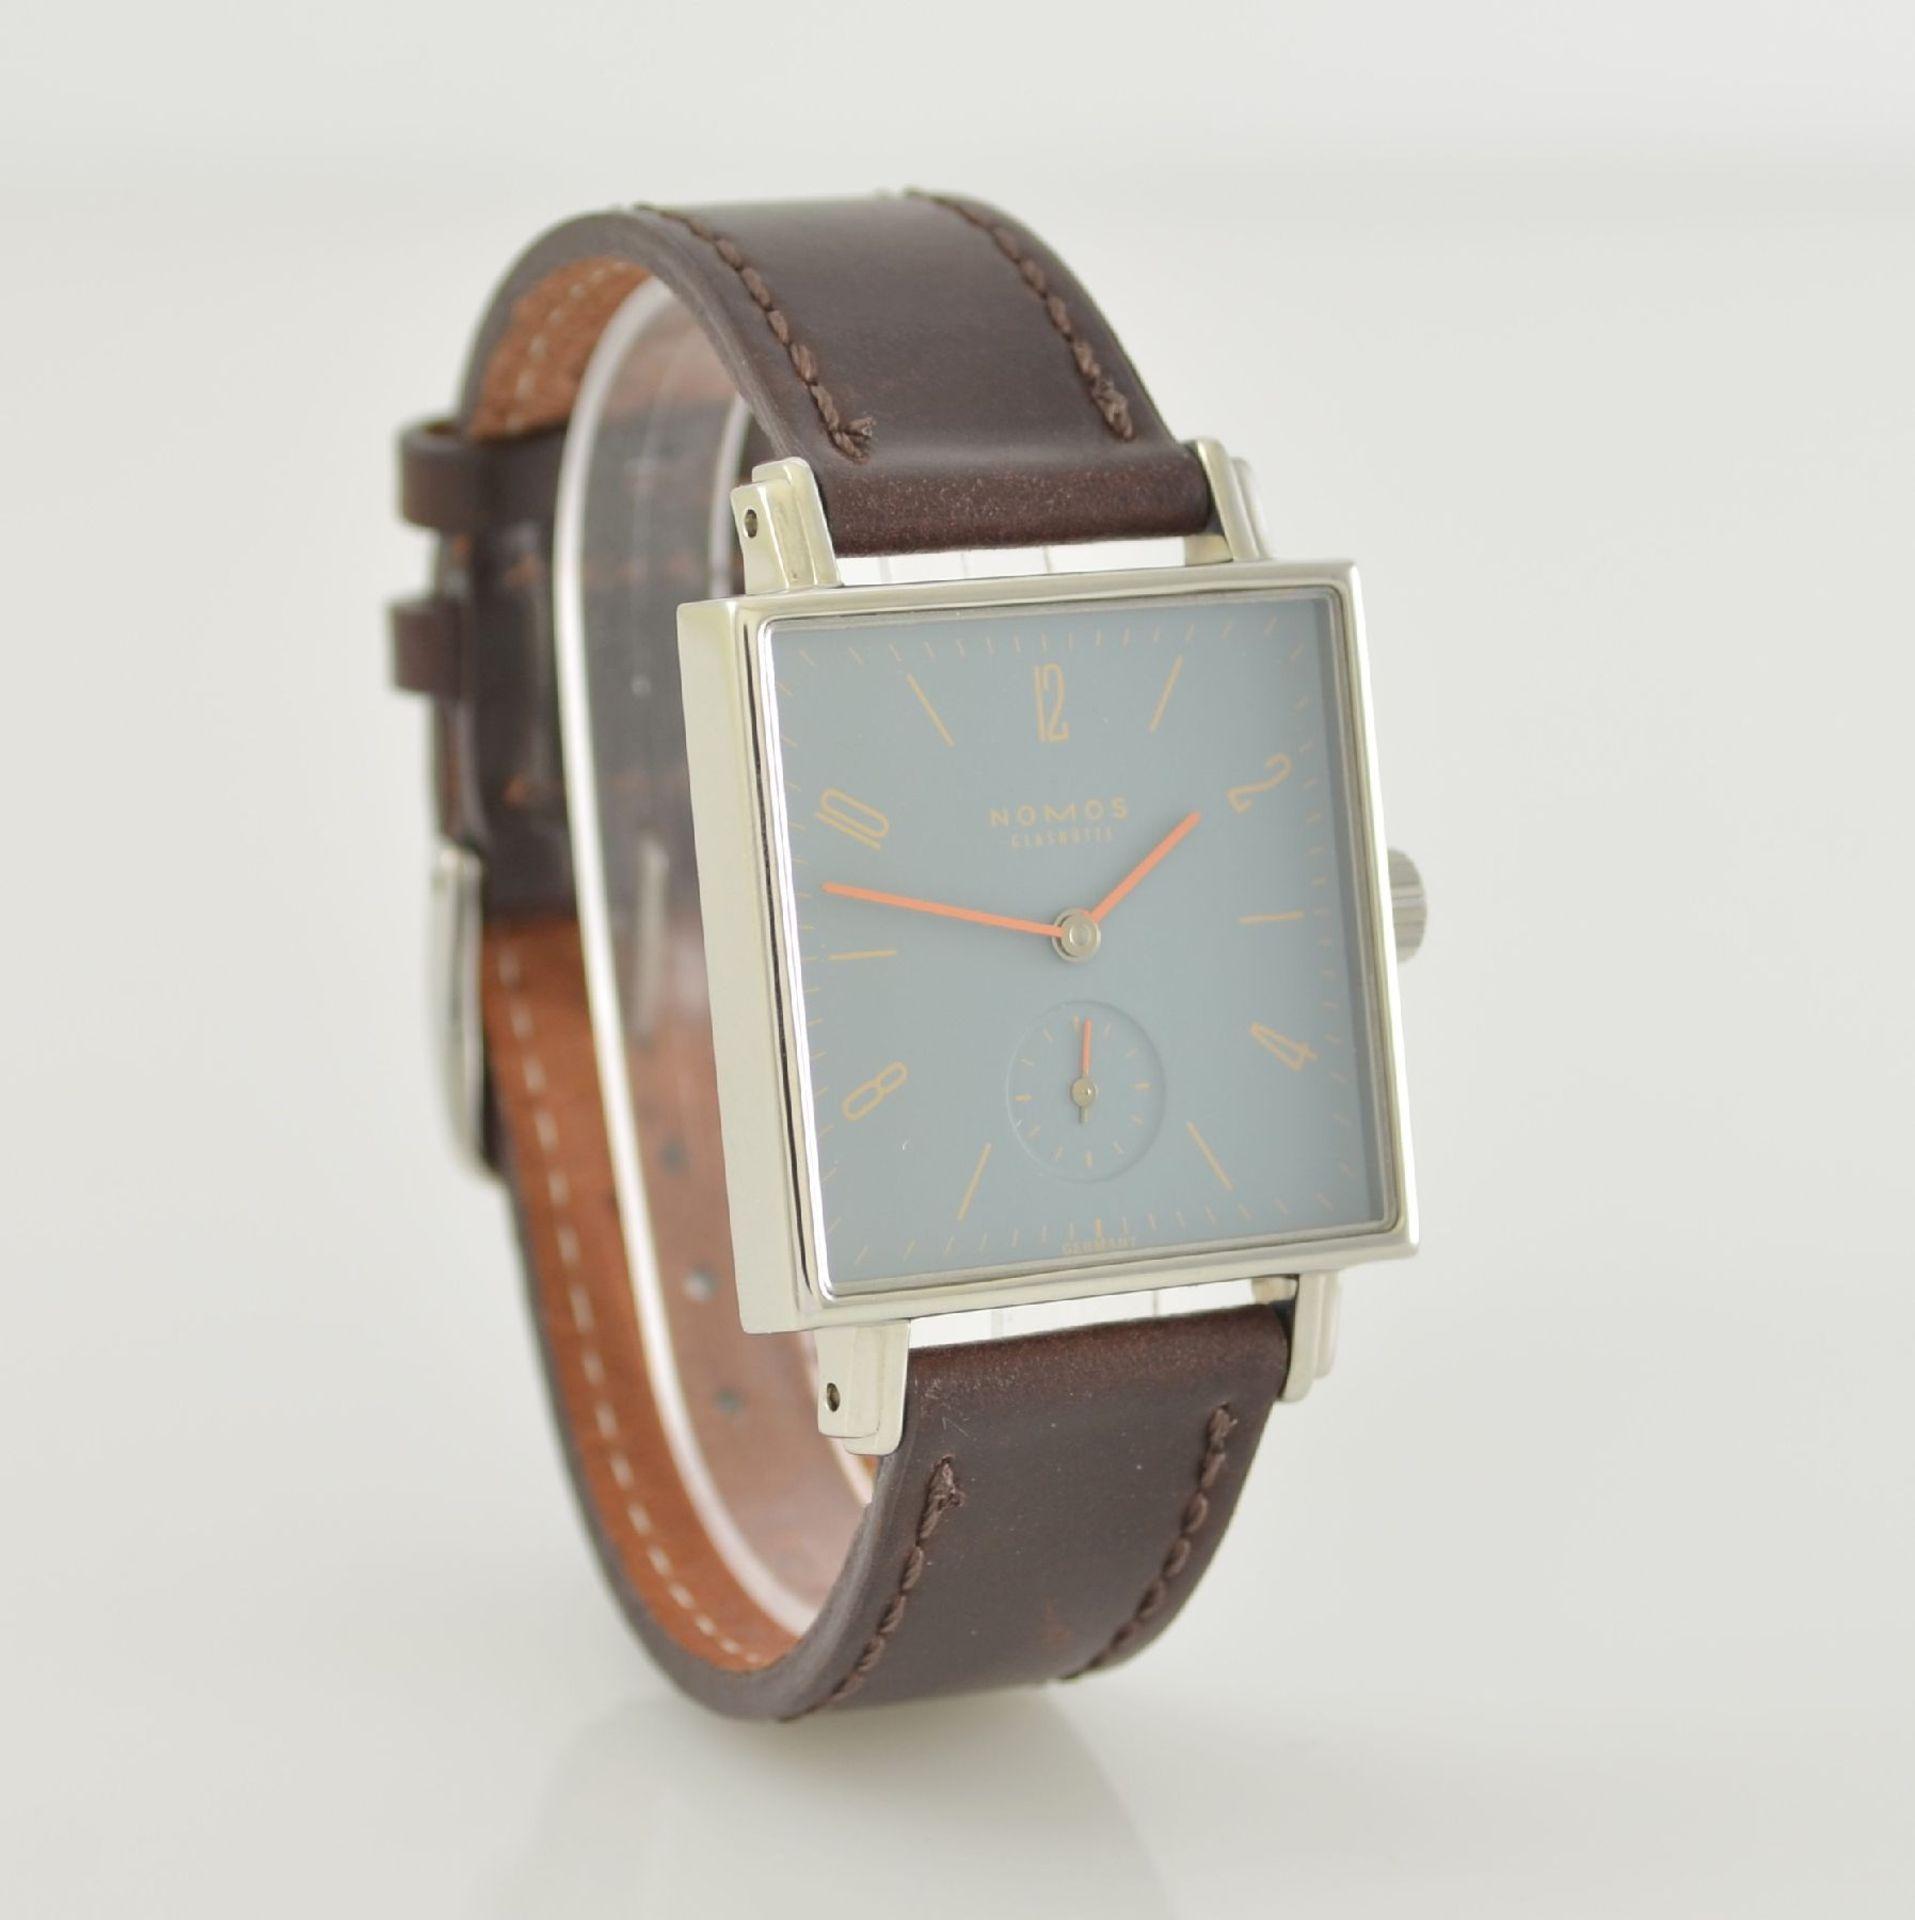 NOMOS Tetra Adonisröschen Armbanduhr in Edelstahl, Deutschland um 2010, Handaufzug, quadratisches - Bild 4 aus 6